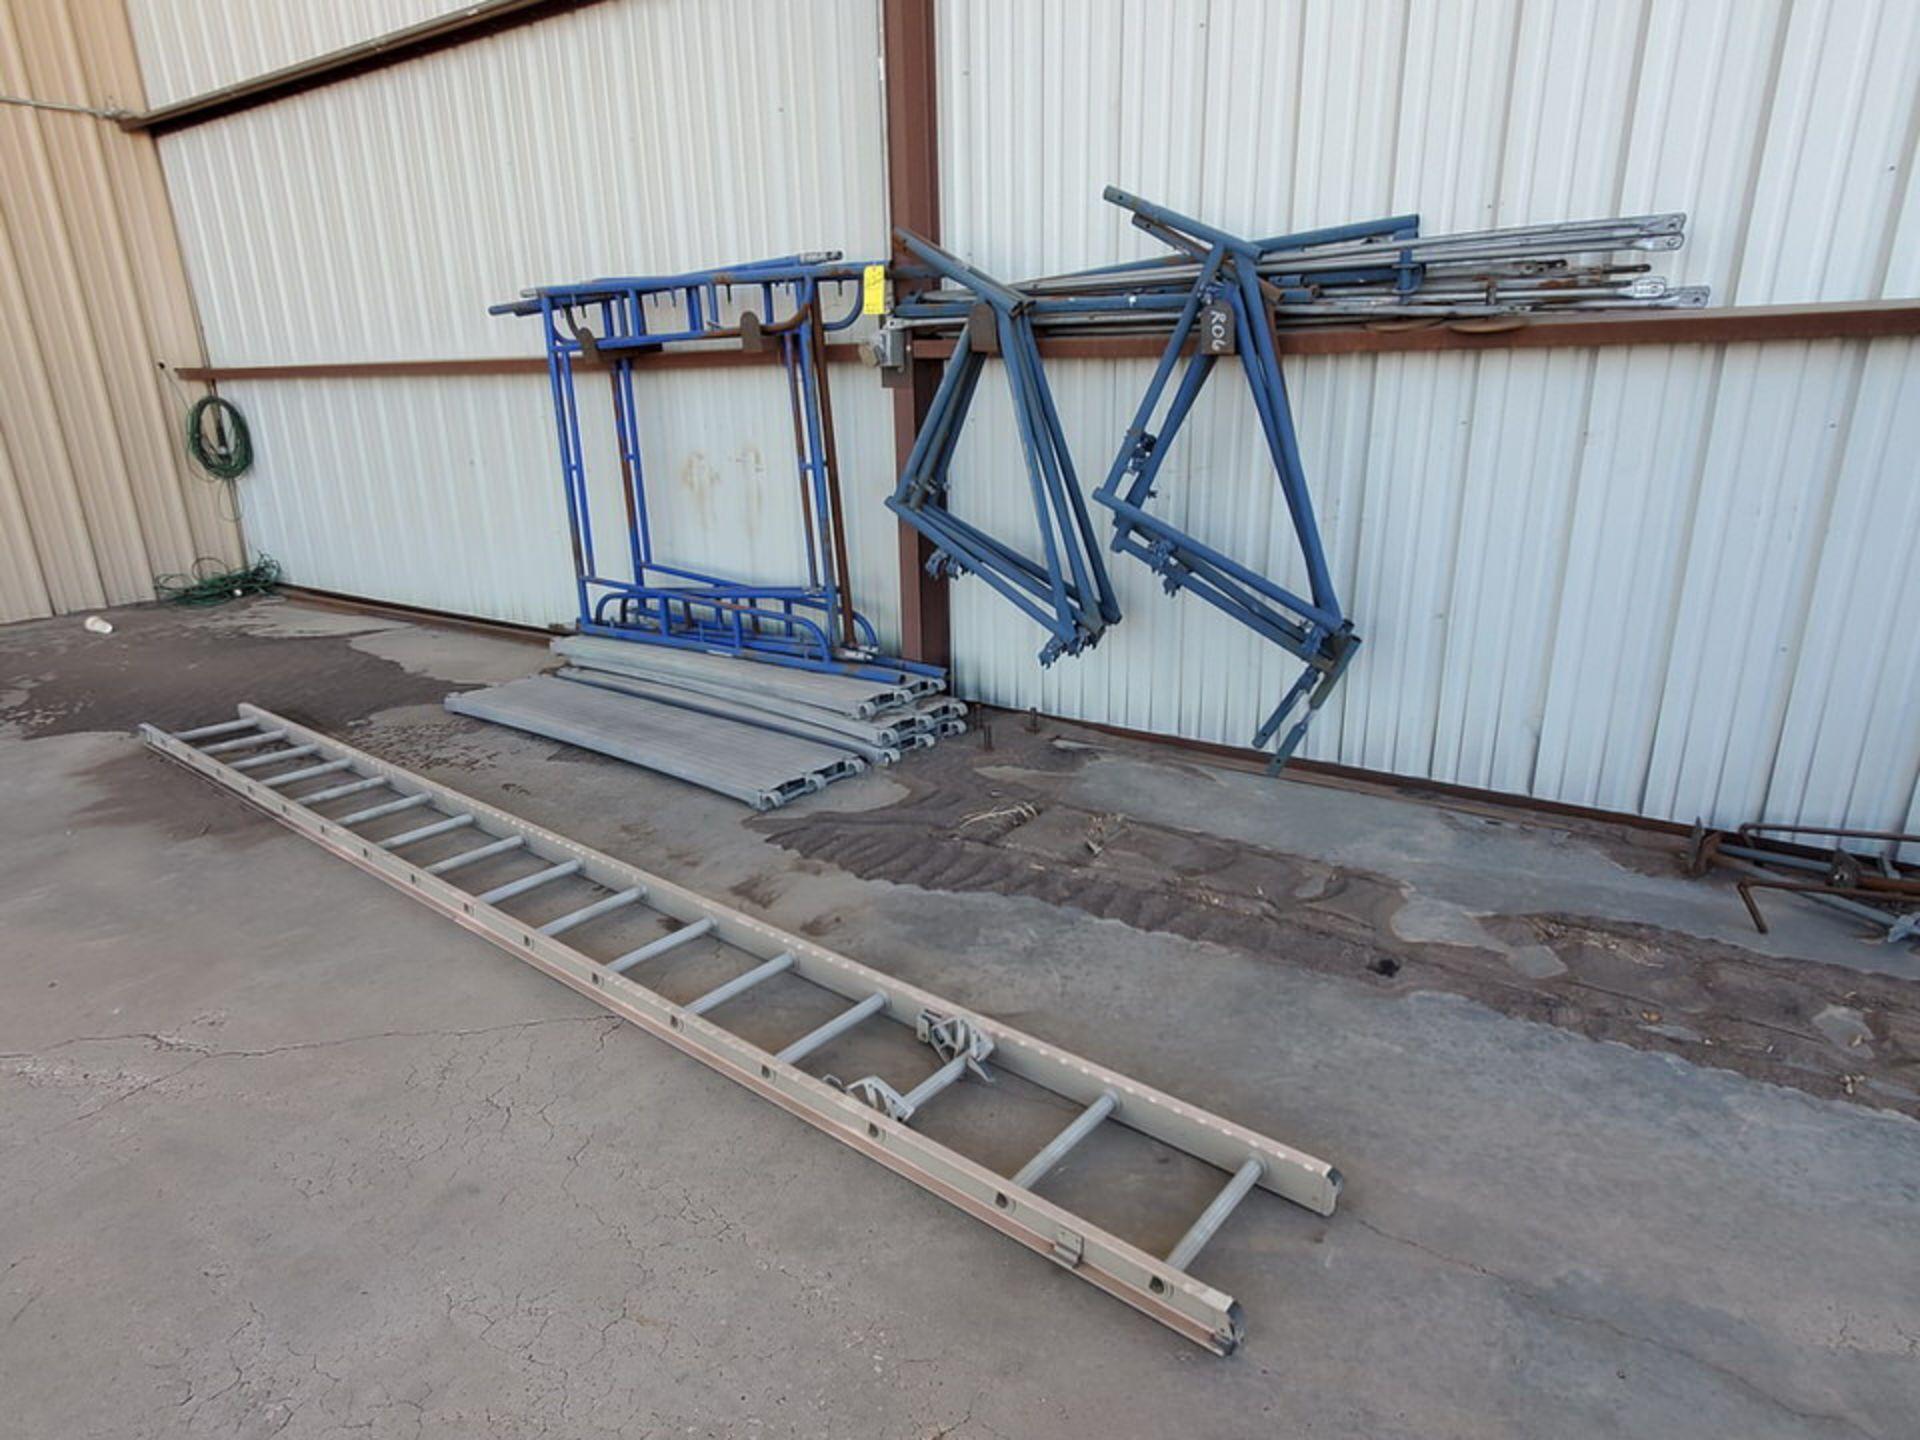 Scaffold W' 16' Fixed Alum. Ladder